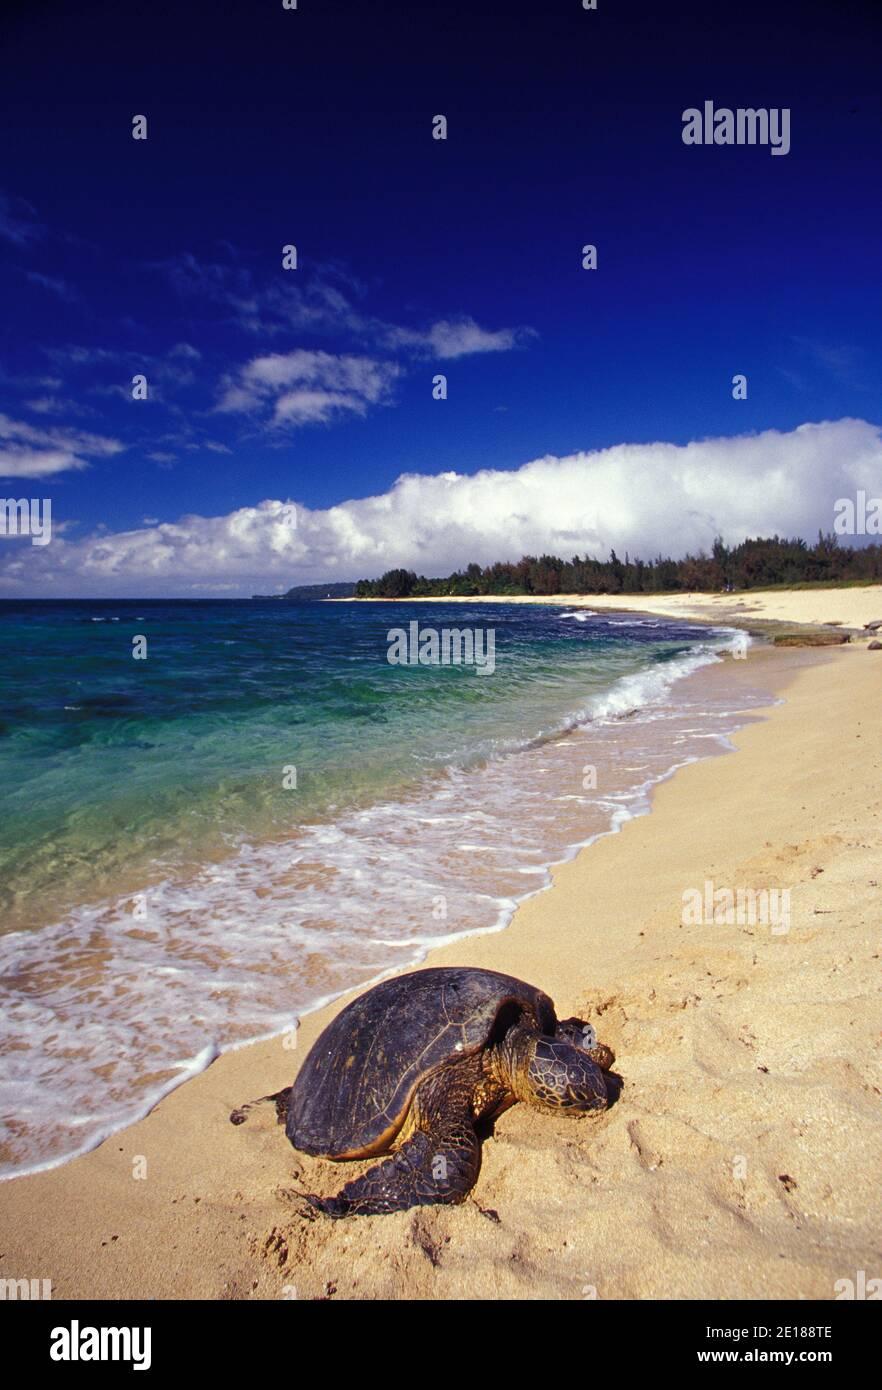 Green Sea Turtle, eine geschützte Tierart haled heraus an einem einsamen Strand mit blau grünen Ozean im Rücken, North Shore von Oahu, Hawaii Stockfoto